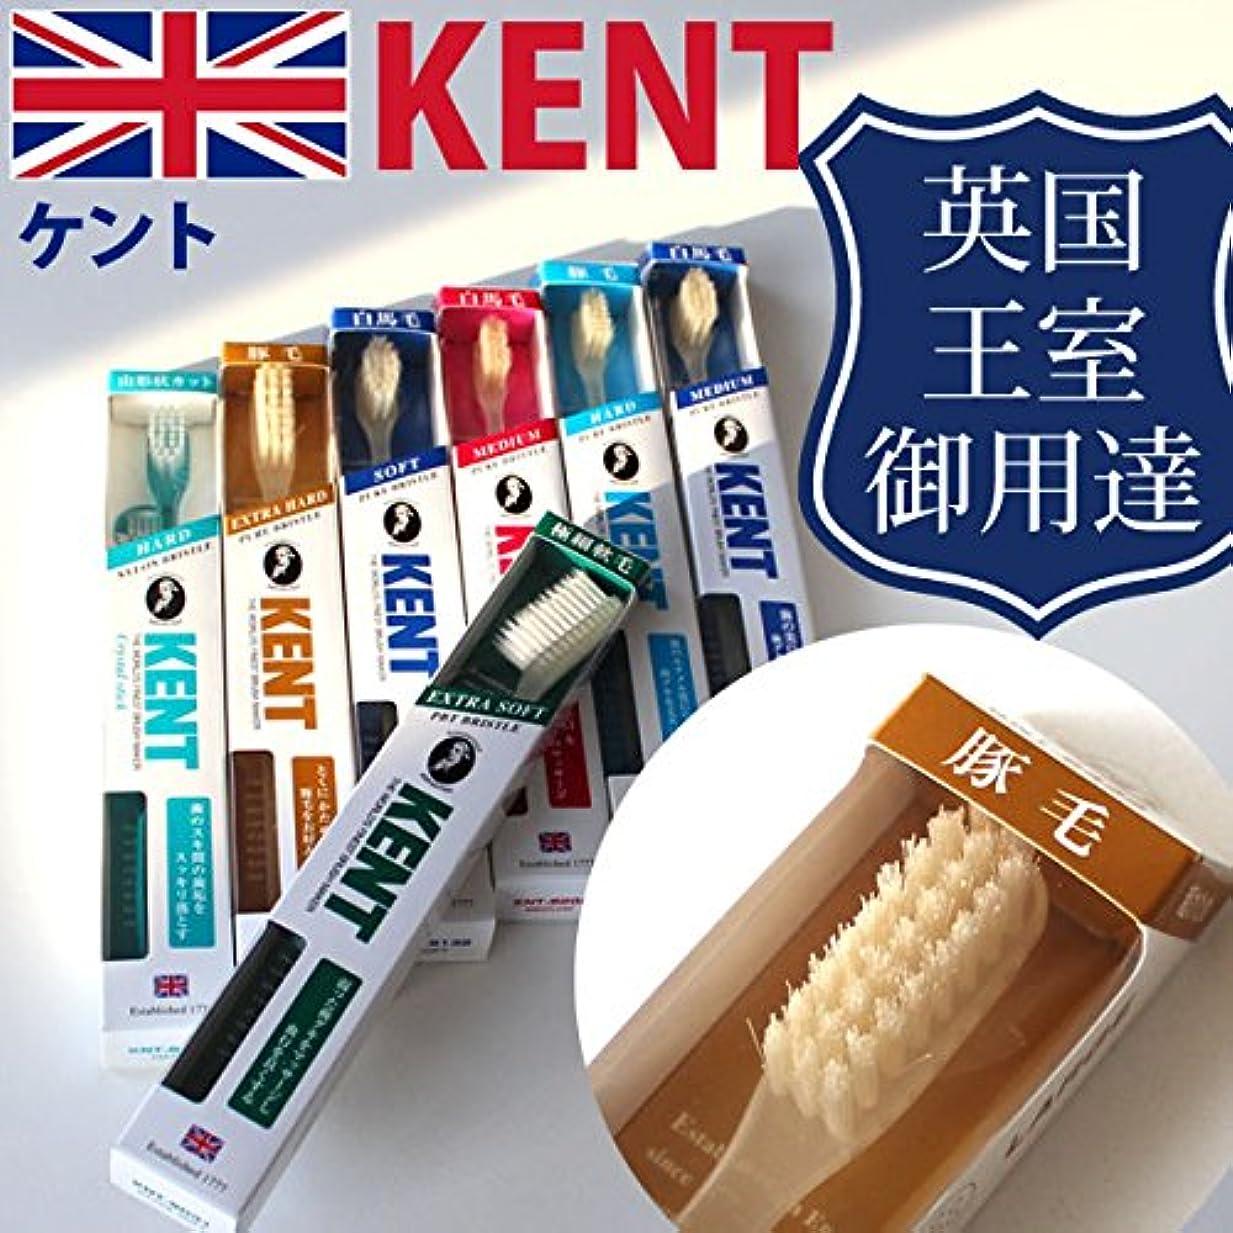 野心的データベースワーディアンケースケント KENT 豚毛 コンパクト 歯ブラシKNT-9233/9833単品108 ふつう